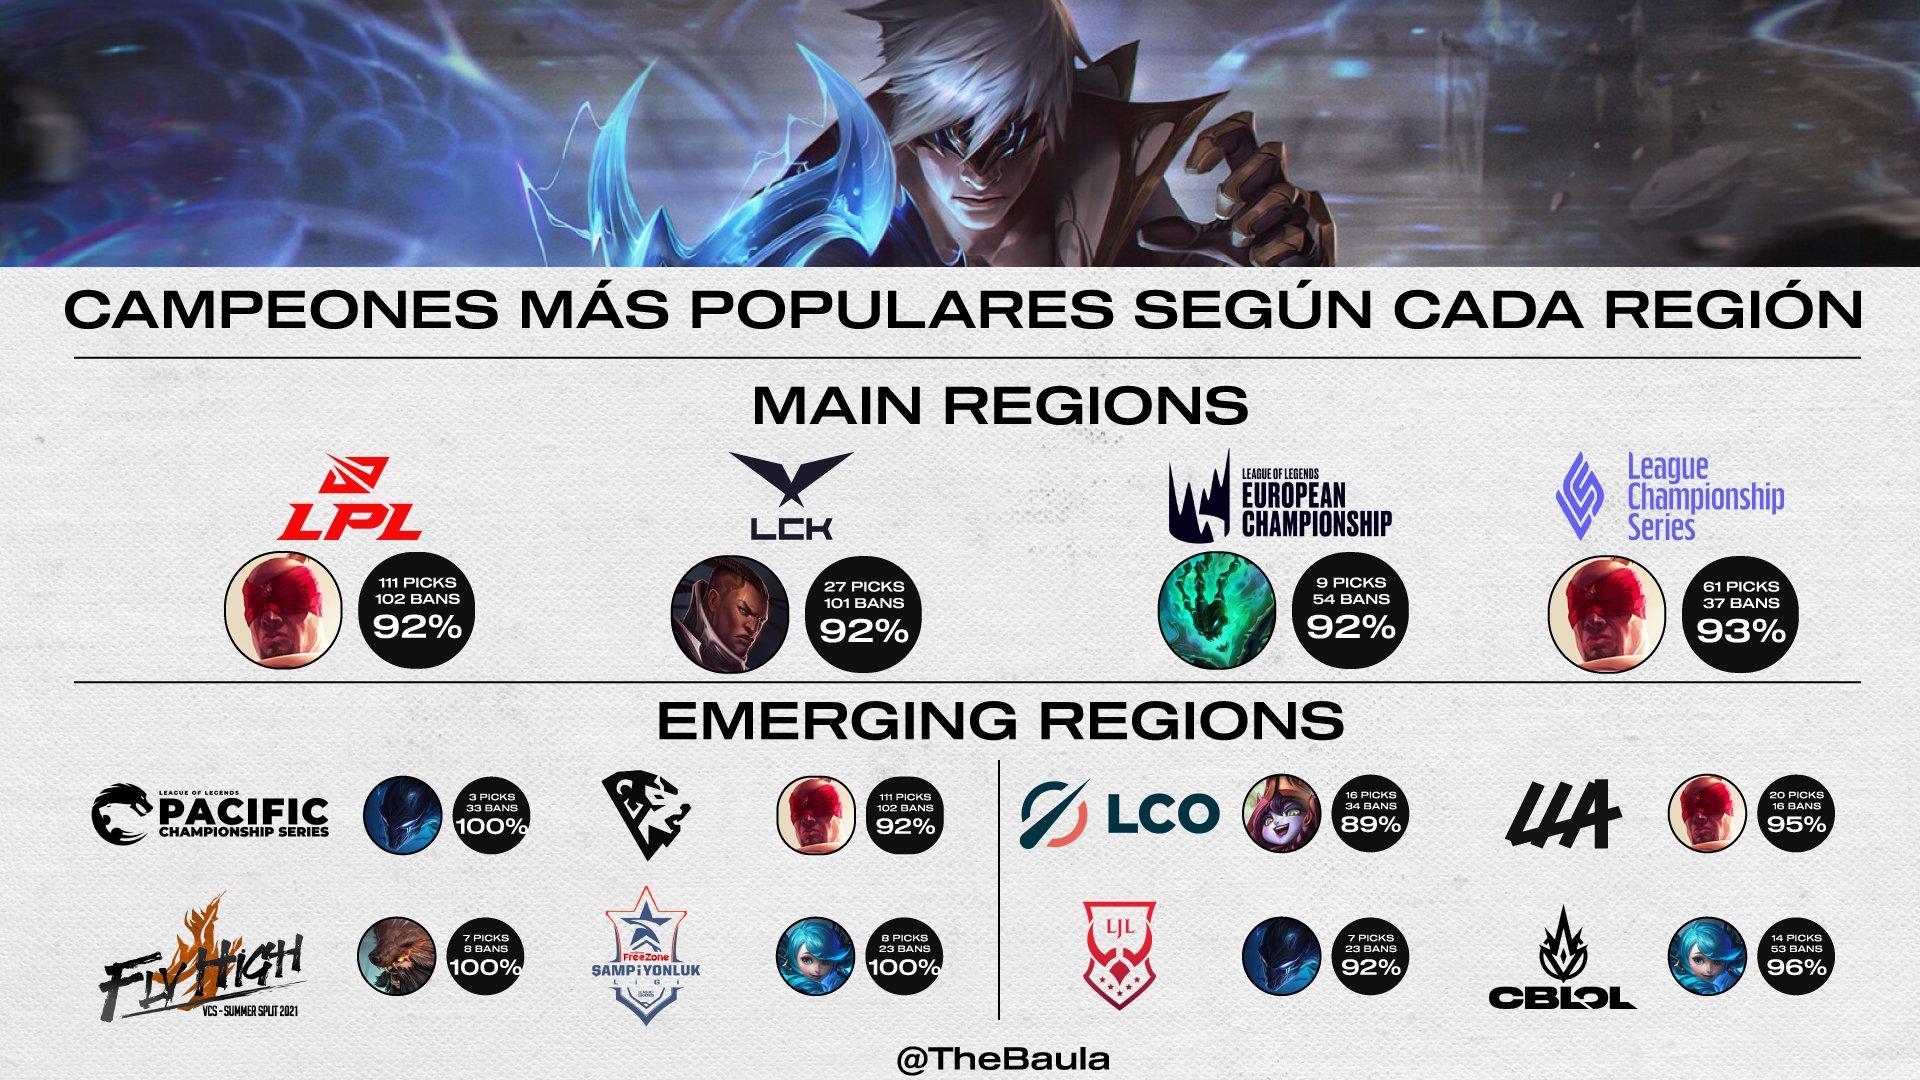 Campeones regiones